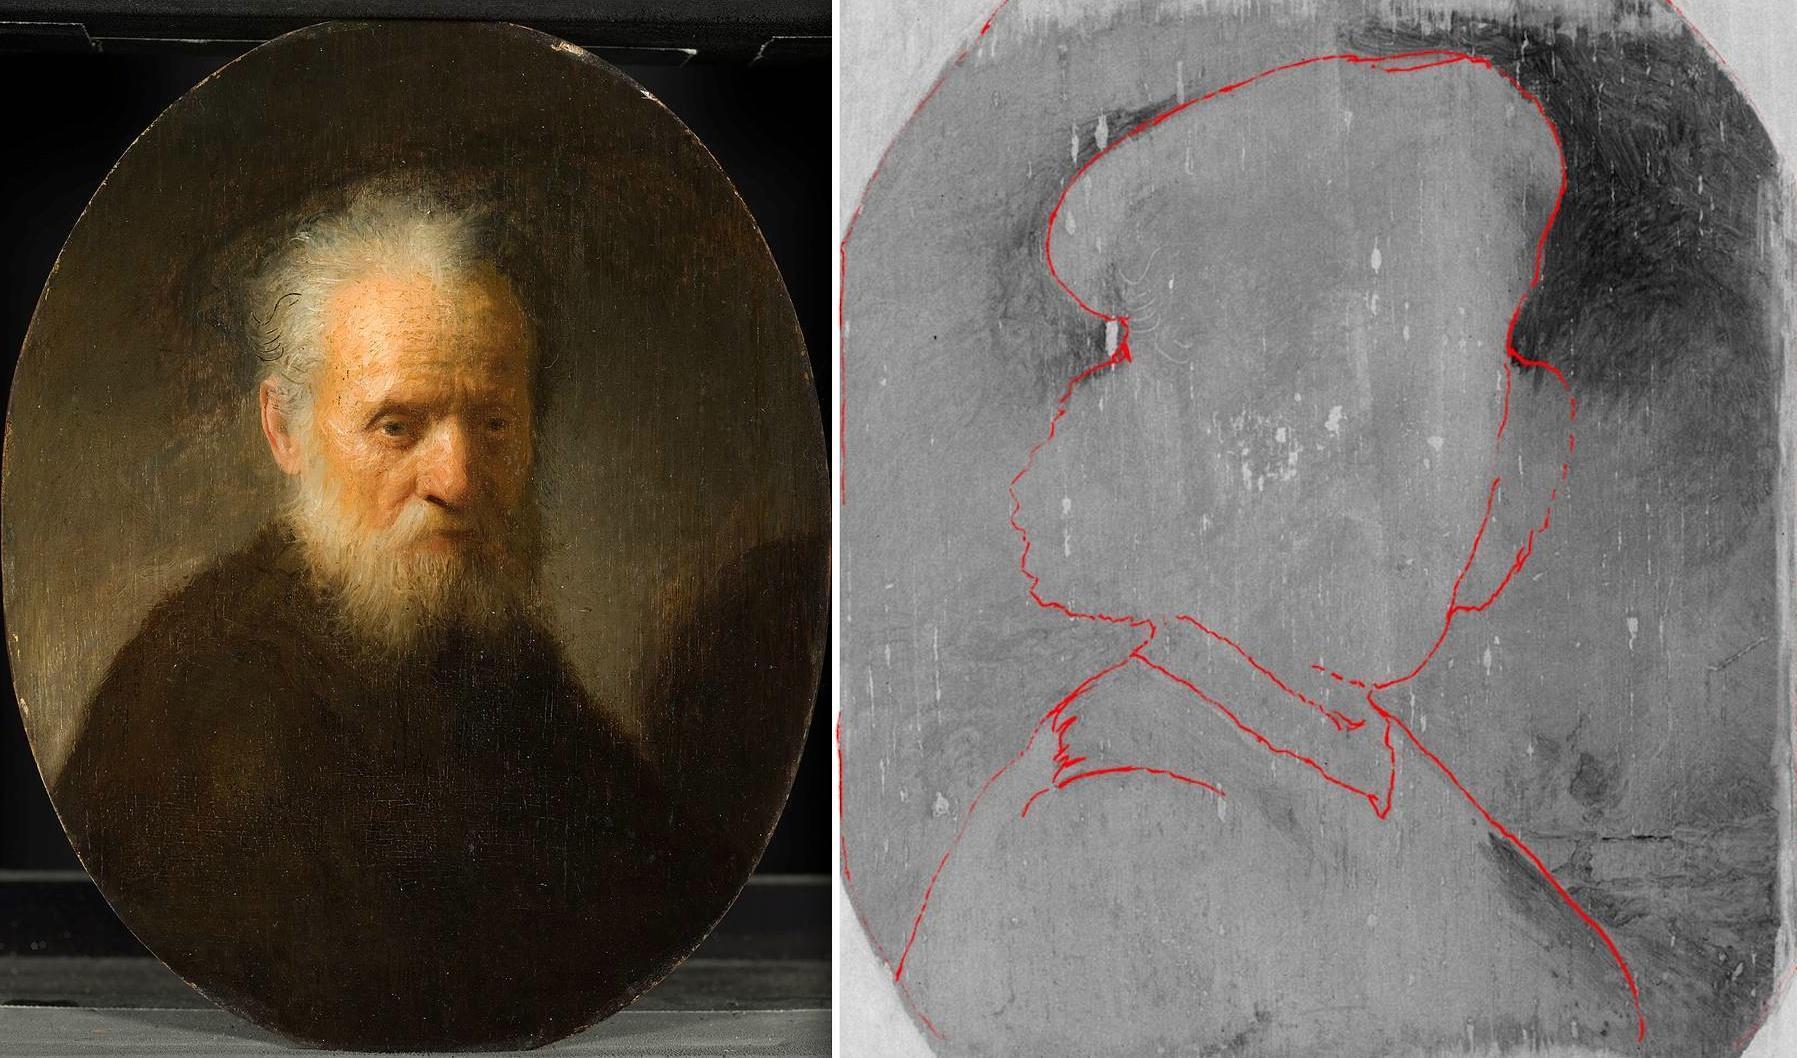 Картина Рембрандта «Старик с бородой» и автопортрет, скрытый под ней